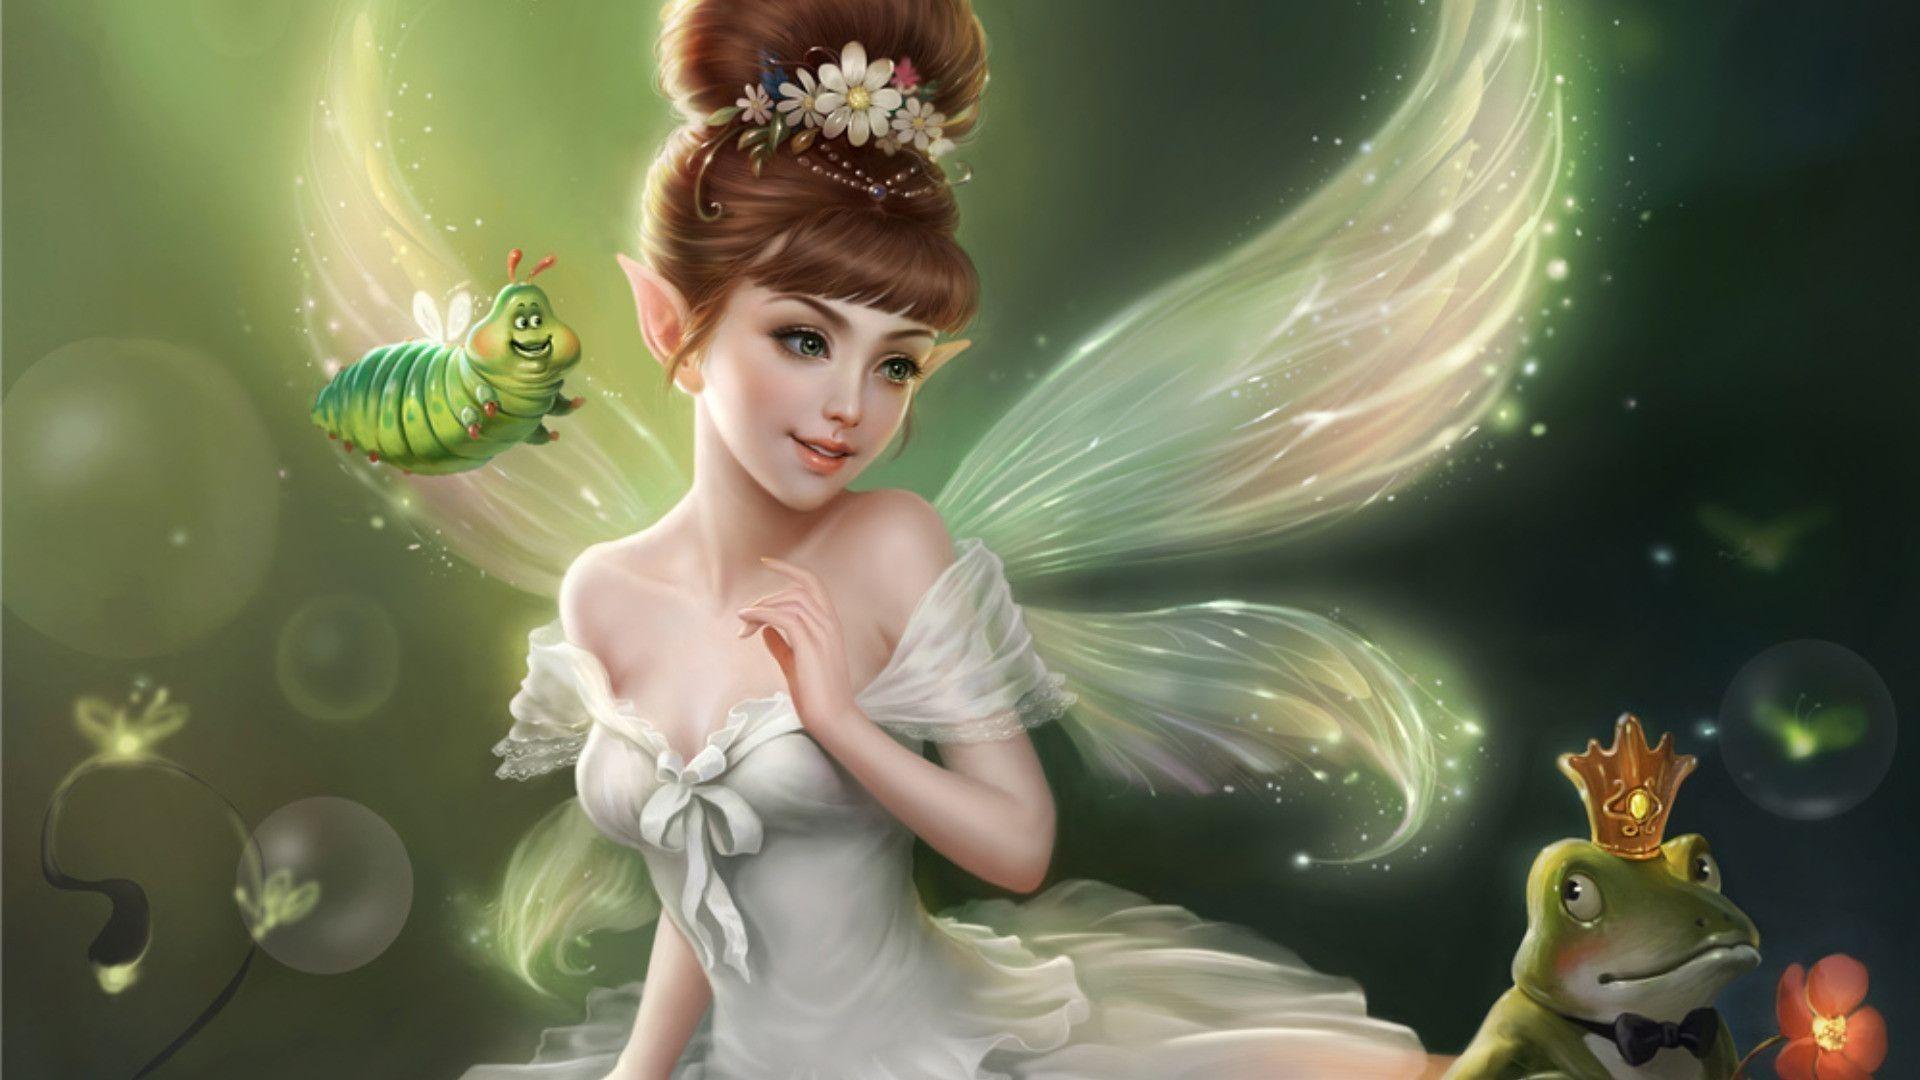 Fairy hd desktop wallpaper